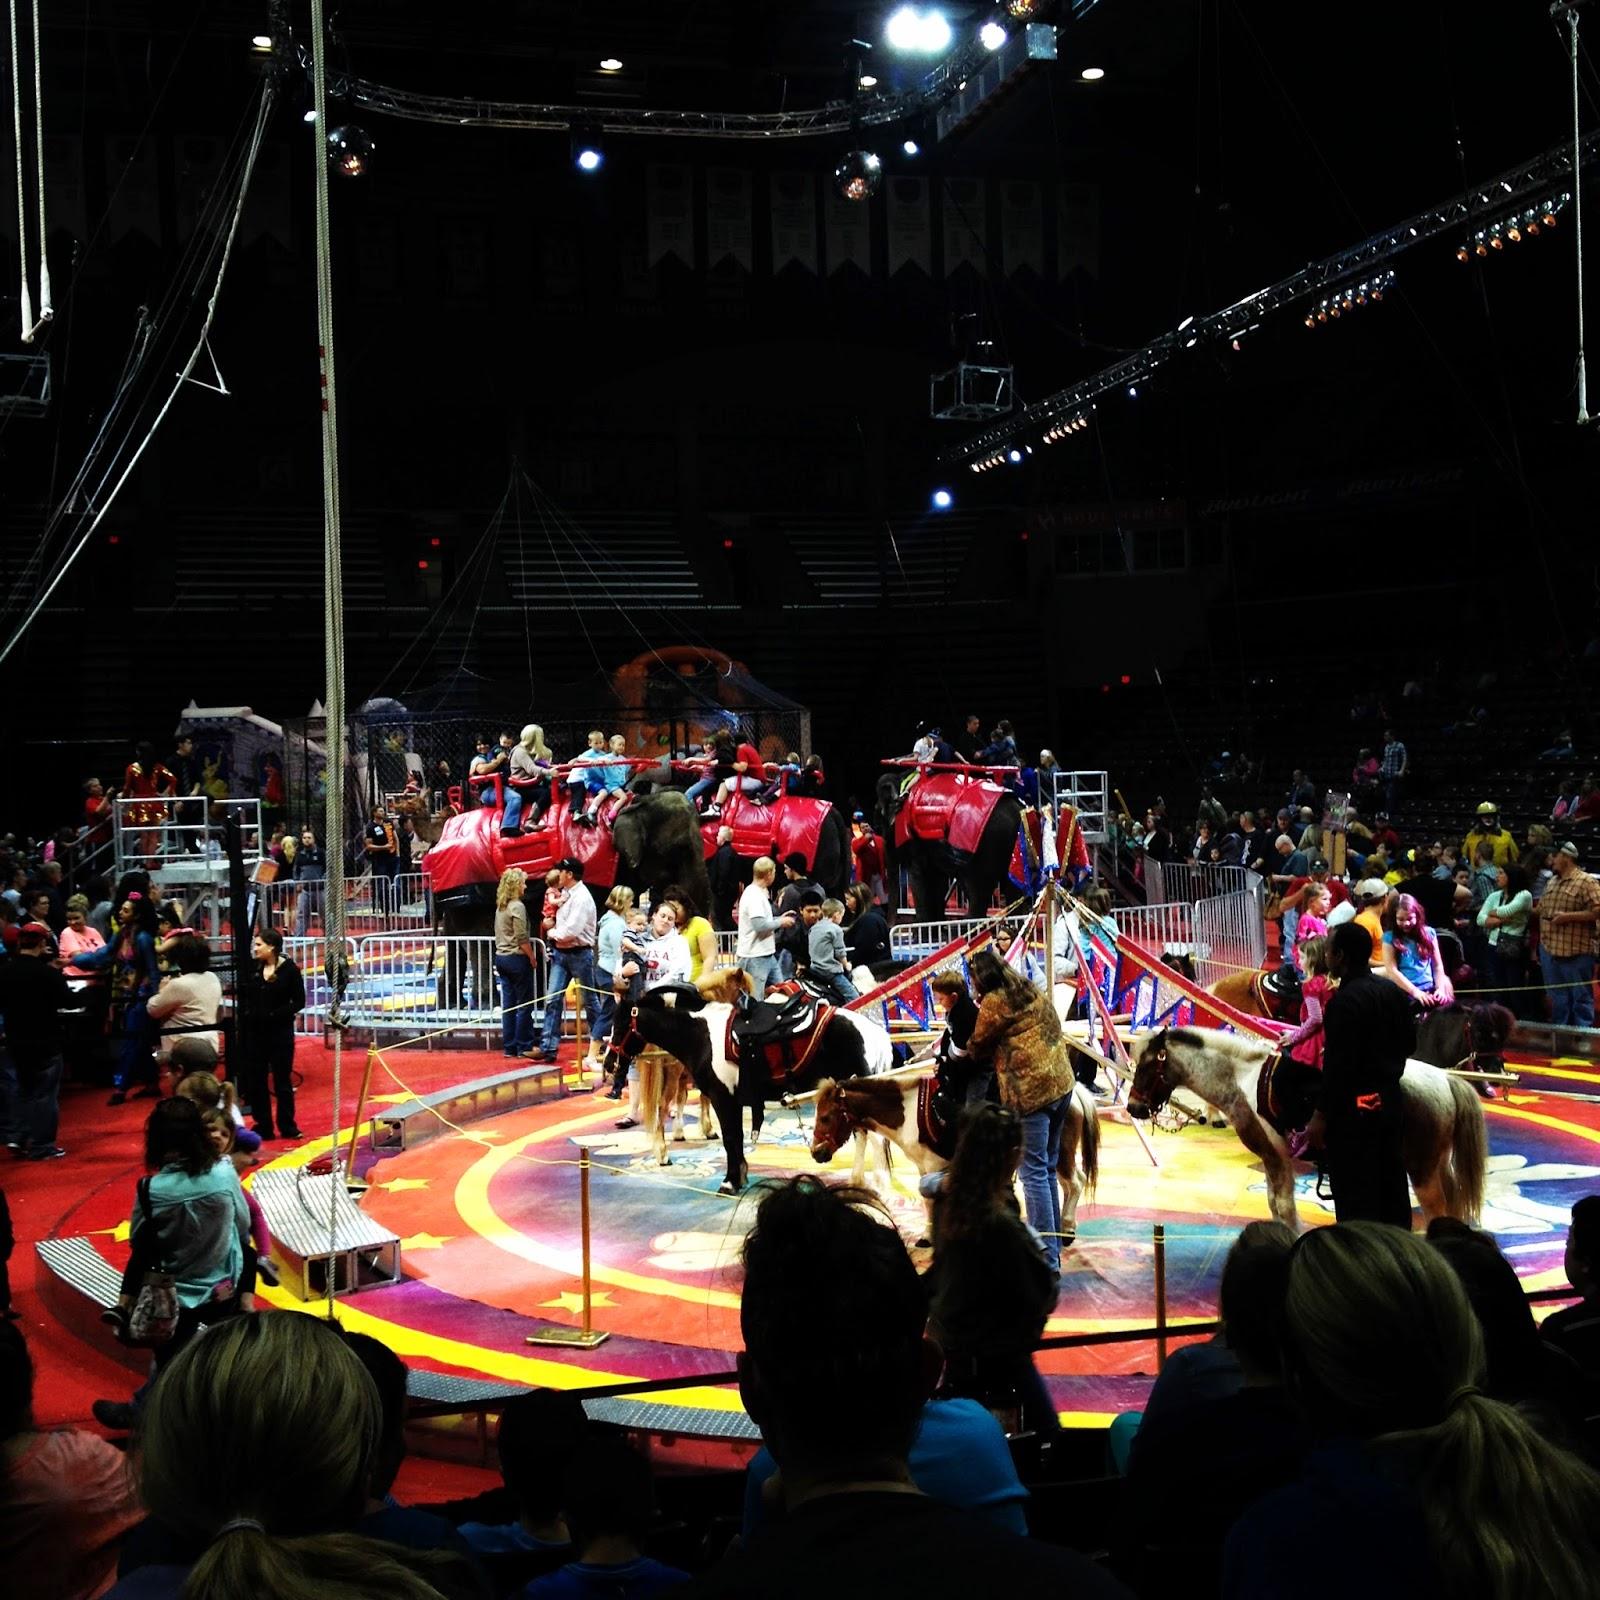 The Awkward Blogger: A Night At The Circus